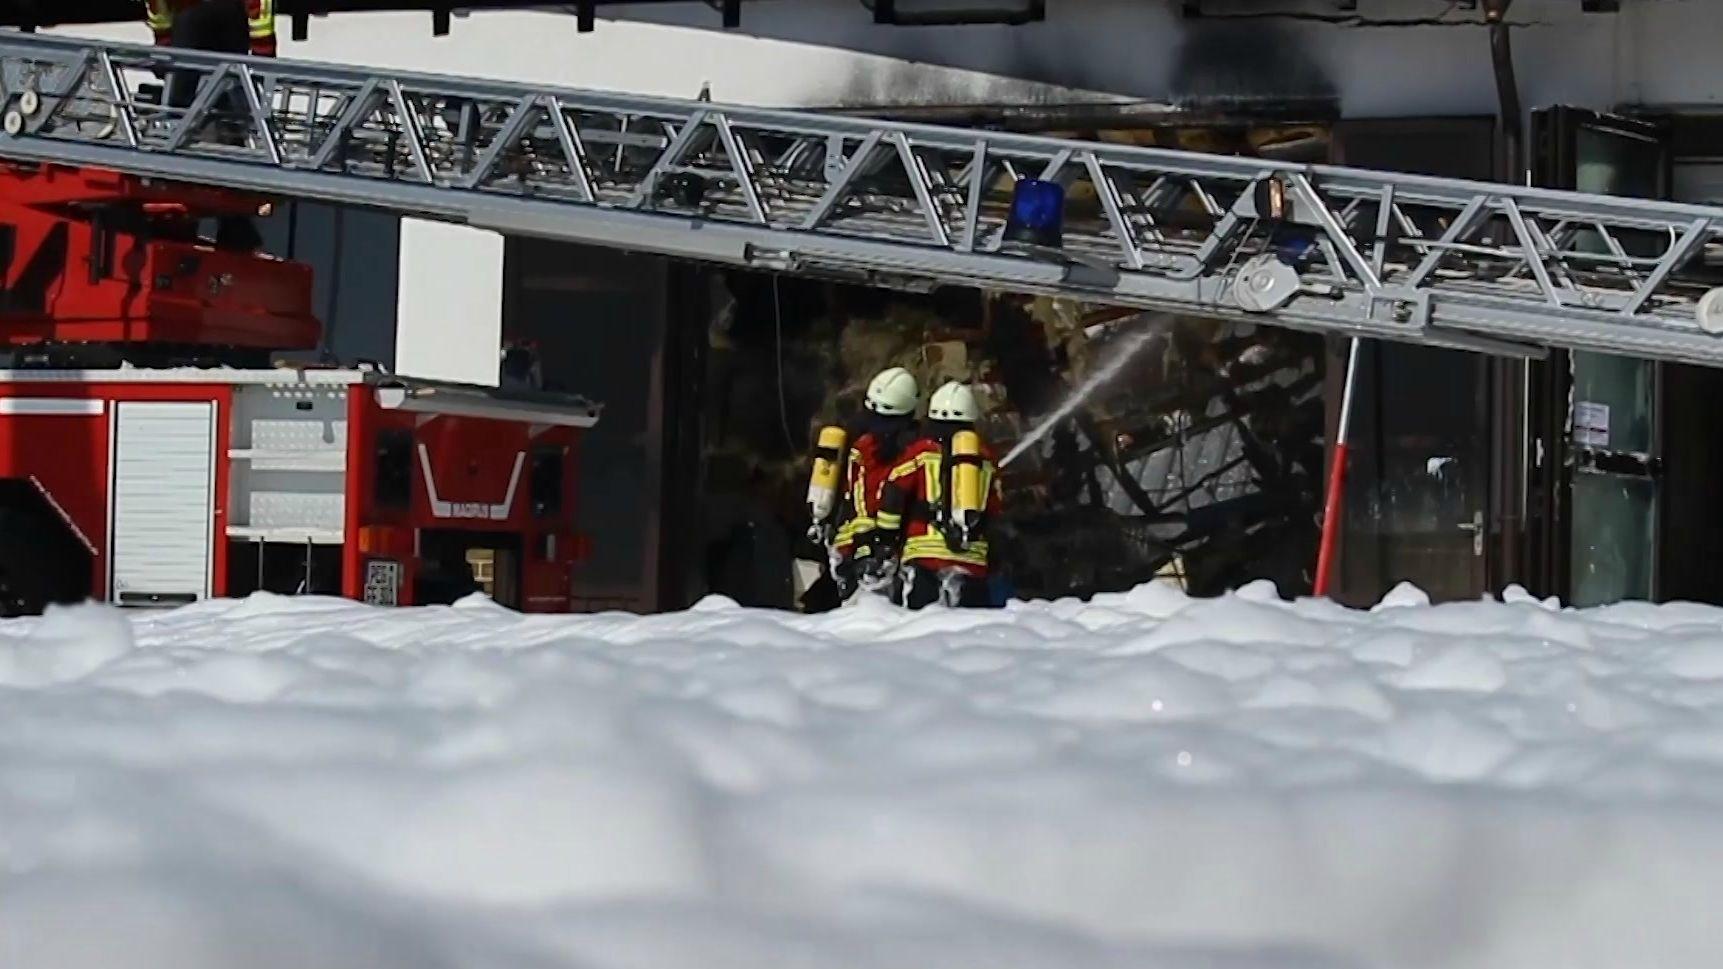 Zwei Feuerwehrmänner beim Löschen eines Brandes